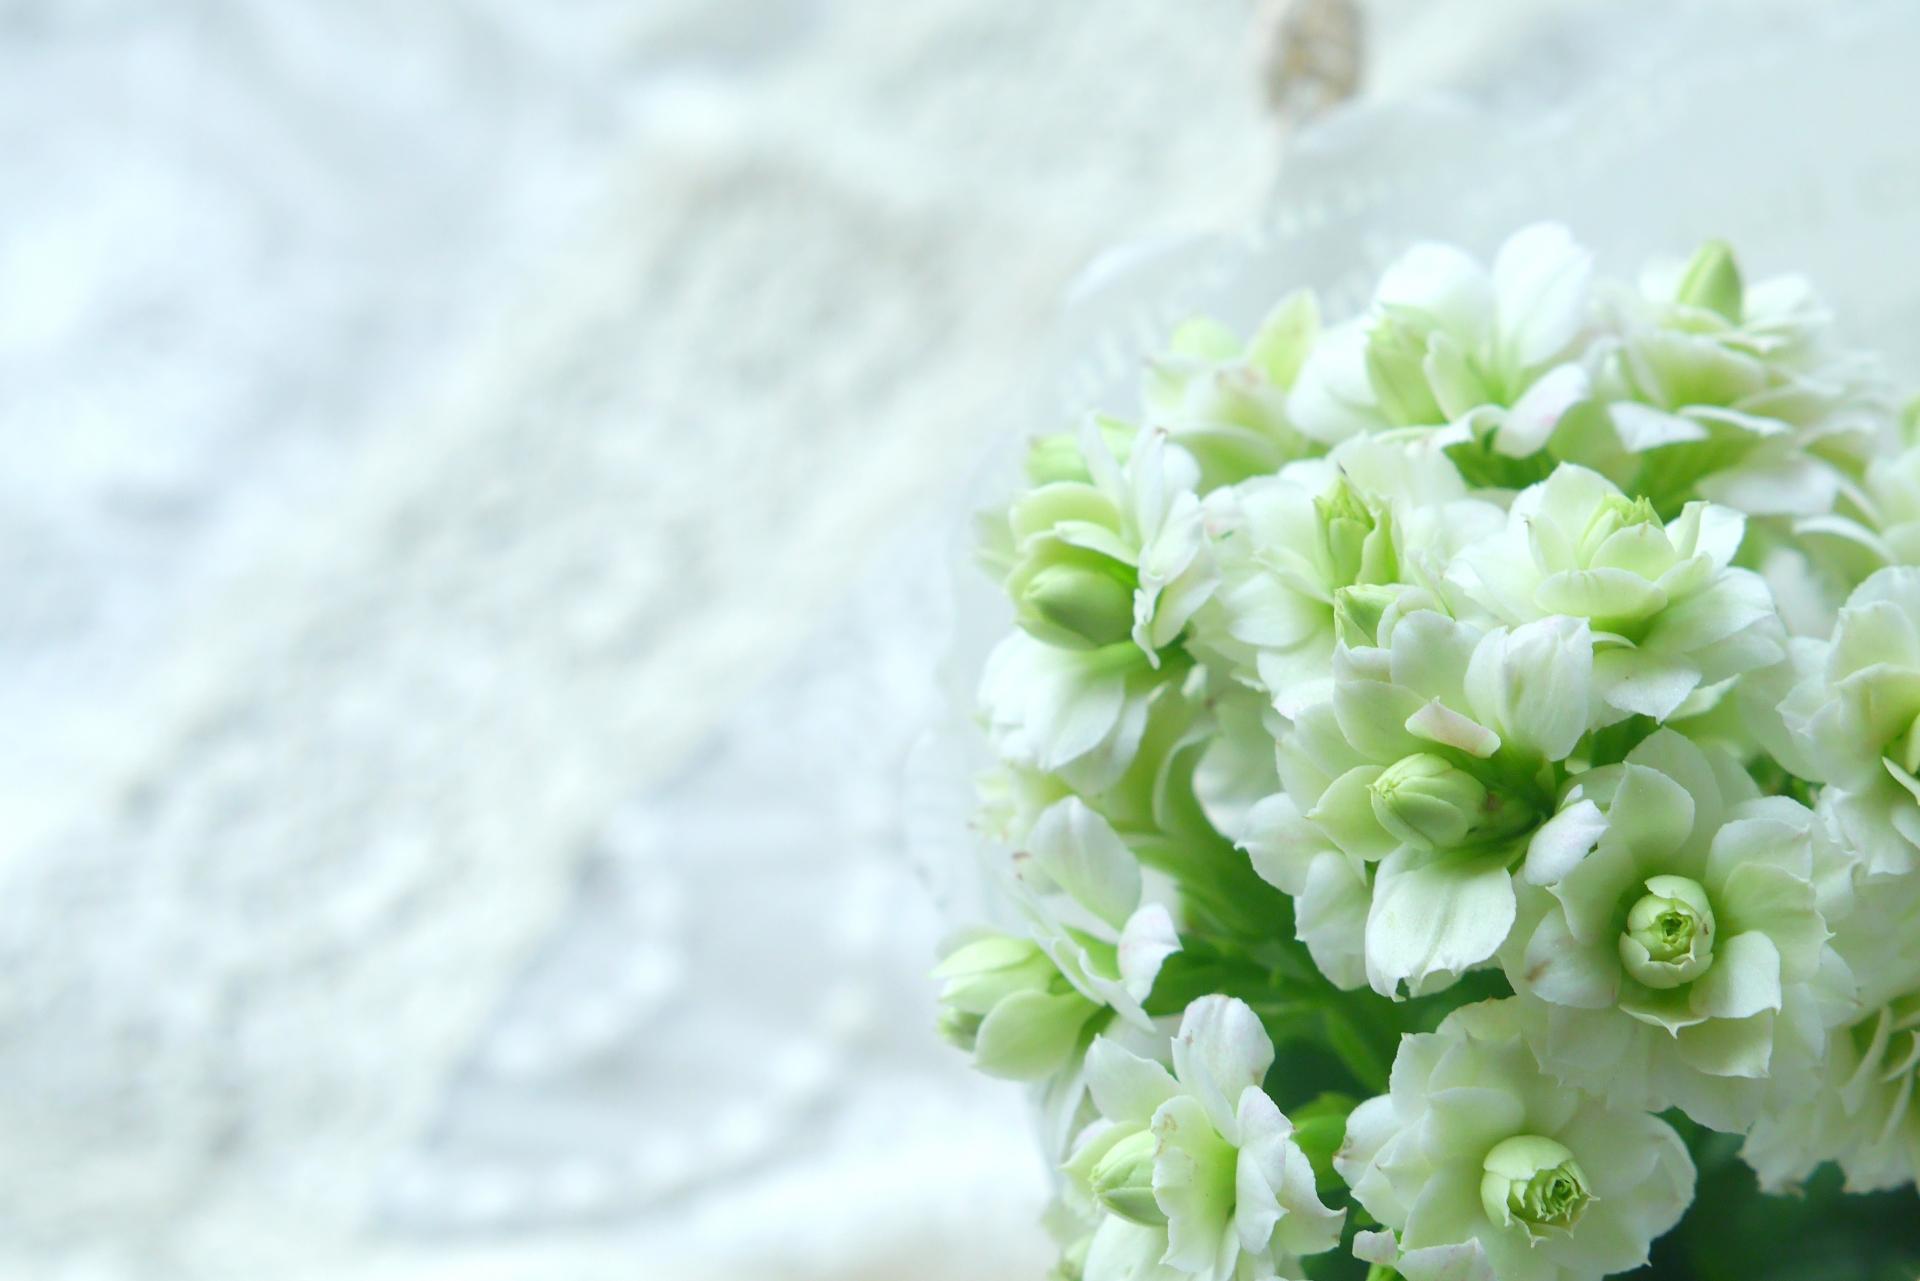 花が咲かないのはなぜ?カランコエの育て方のポイント